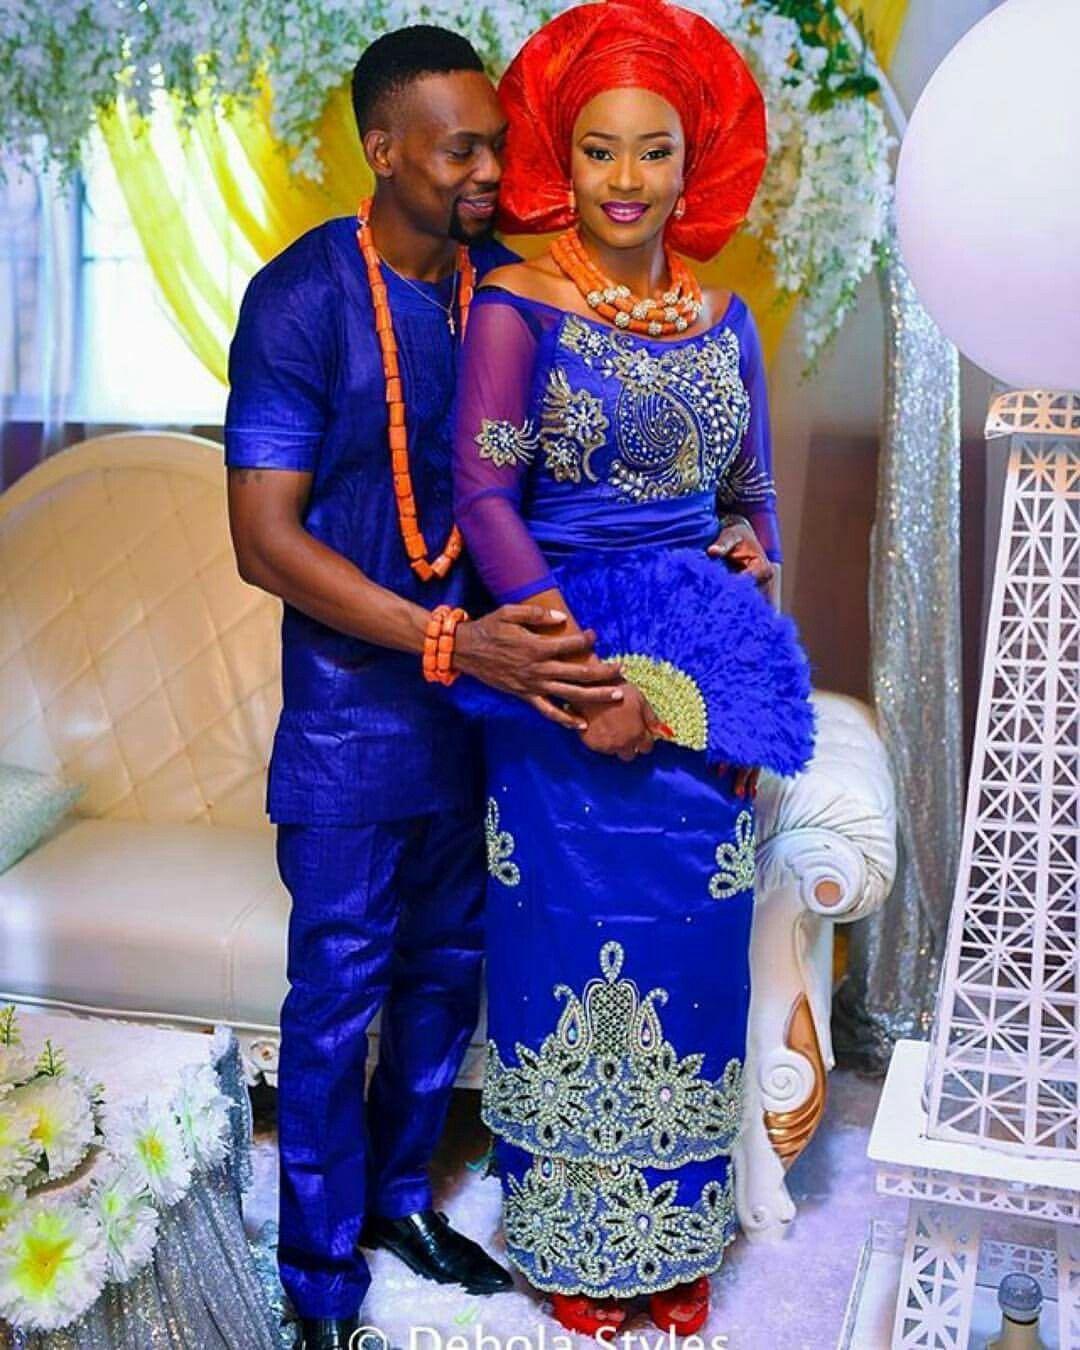 Pin By The Melanin Show On Ankara Fashion Traditional Wedding Attire Nigerian Wedding Attire African Bride